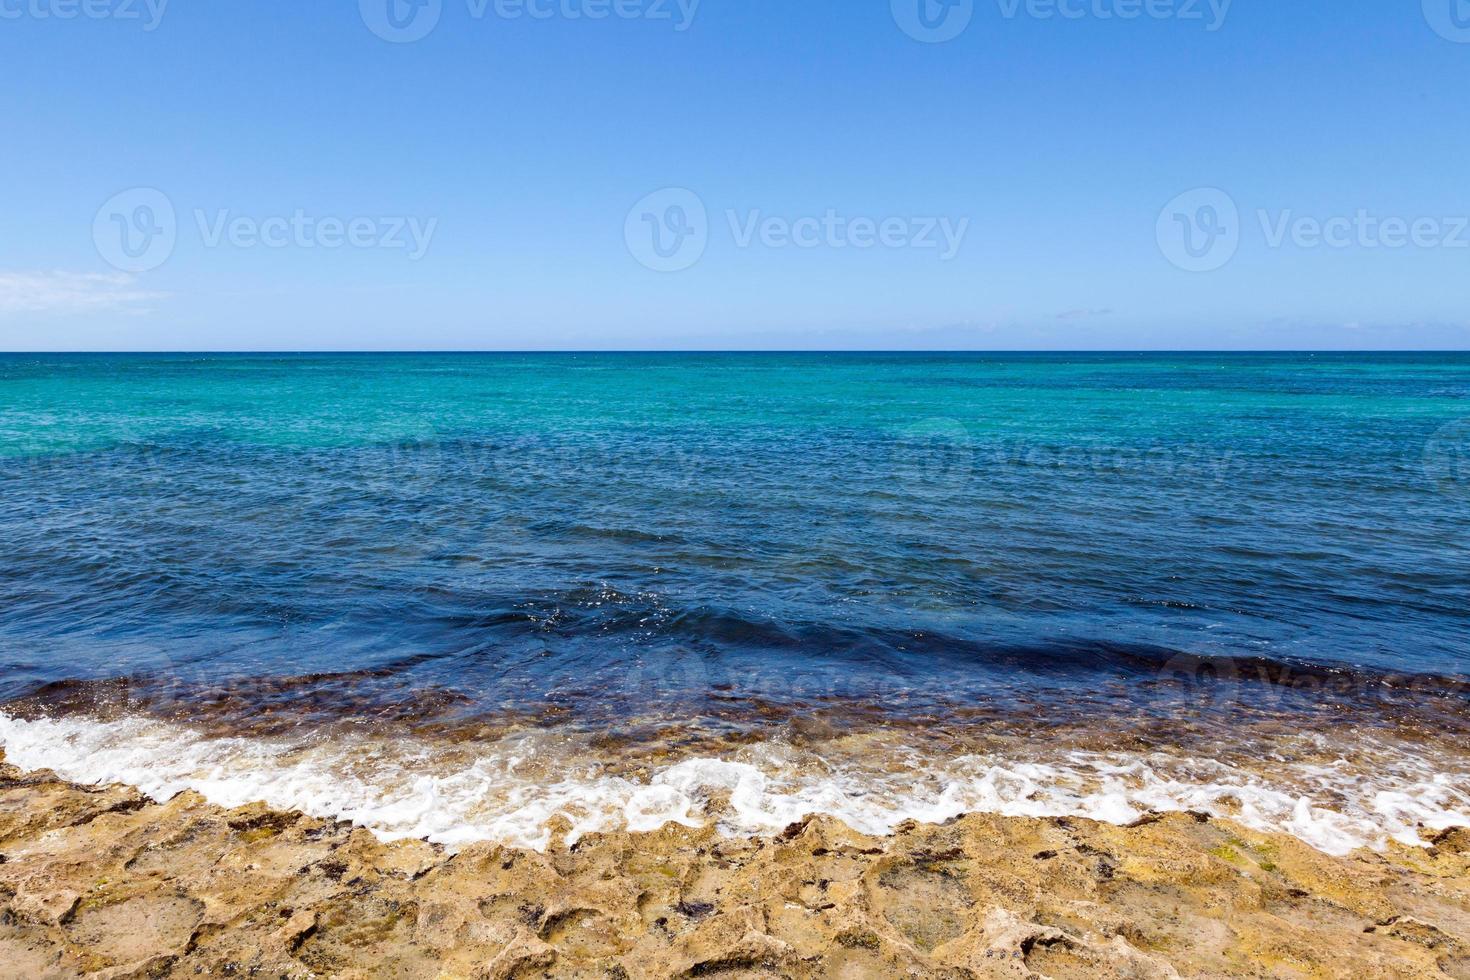 vågor bryter på stranden foto